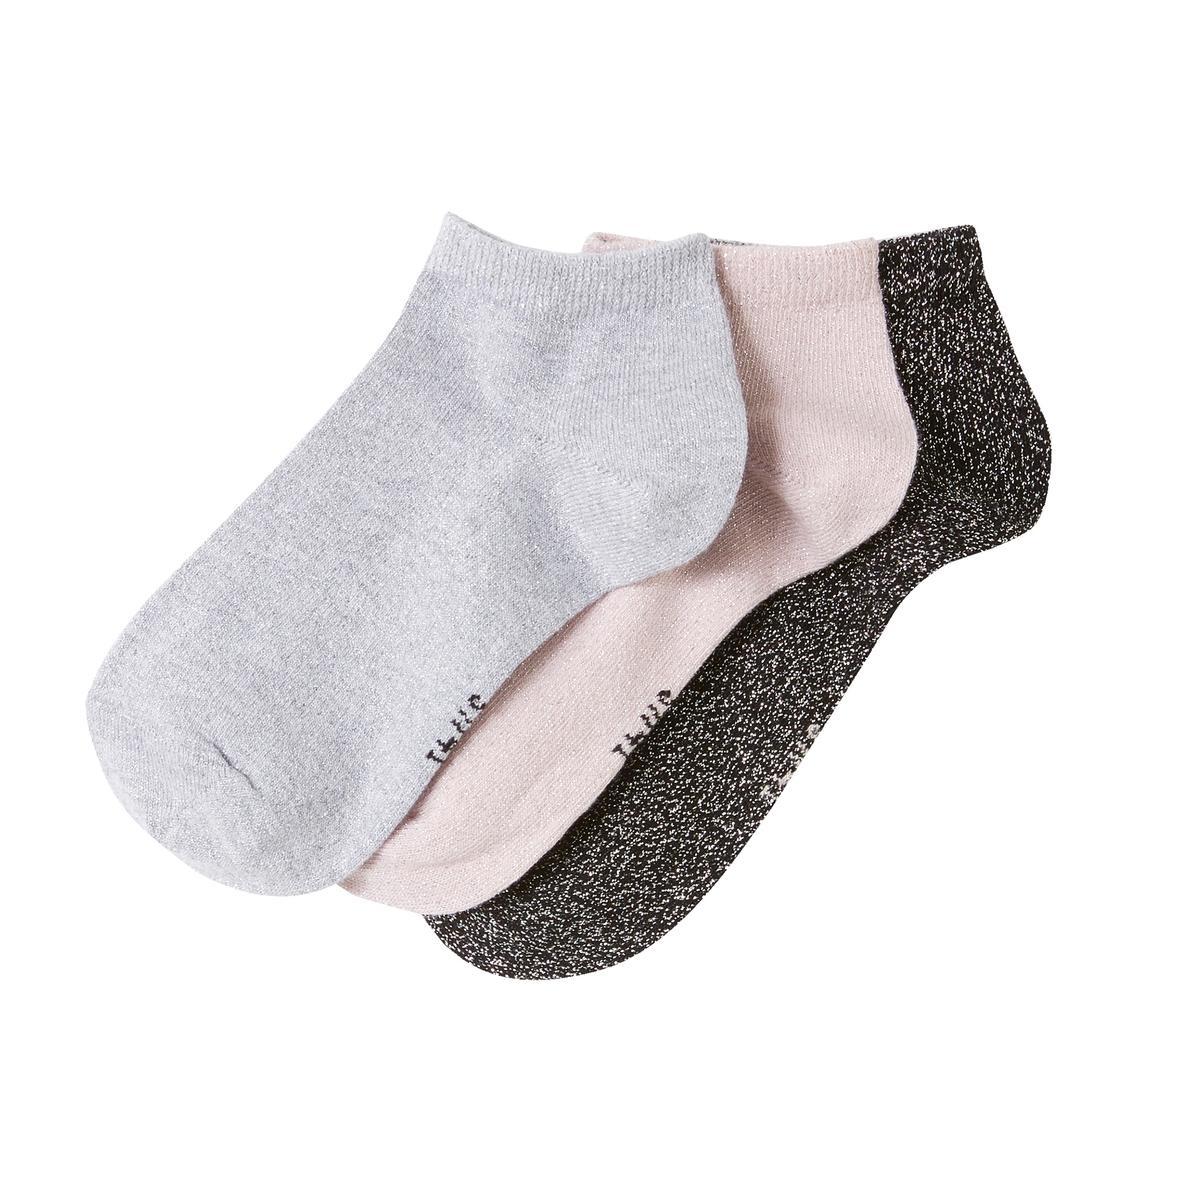 3 пары носков с волокнами с металлическим блеском